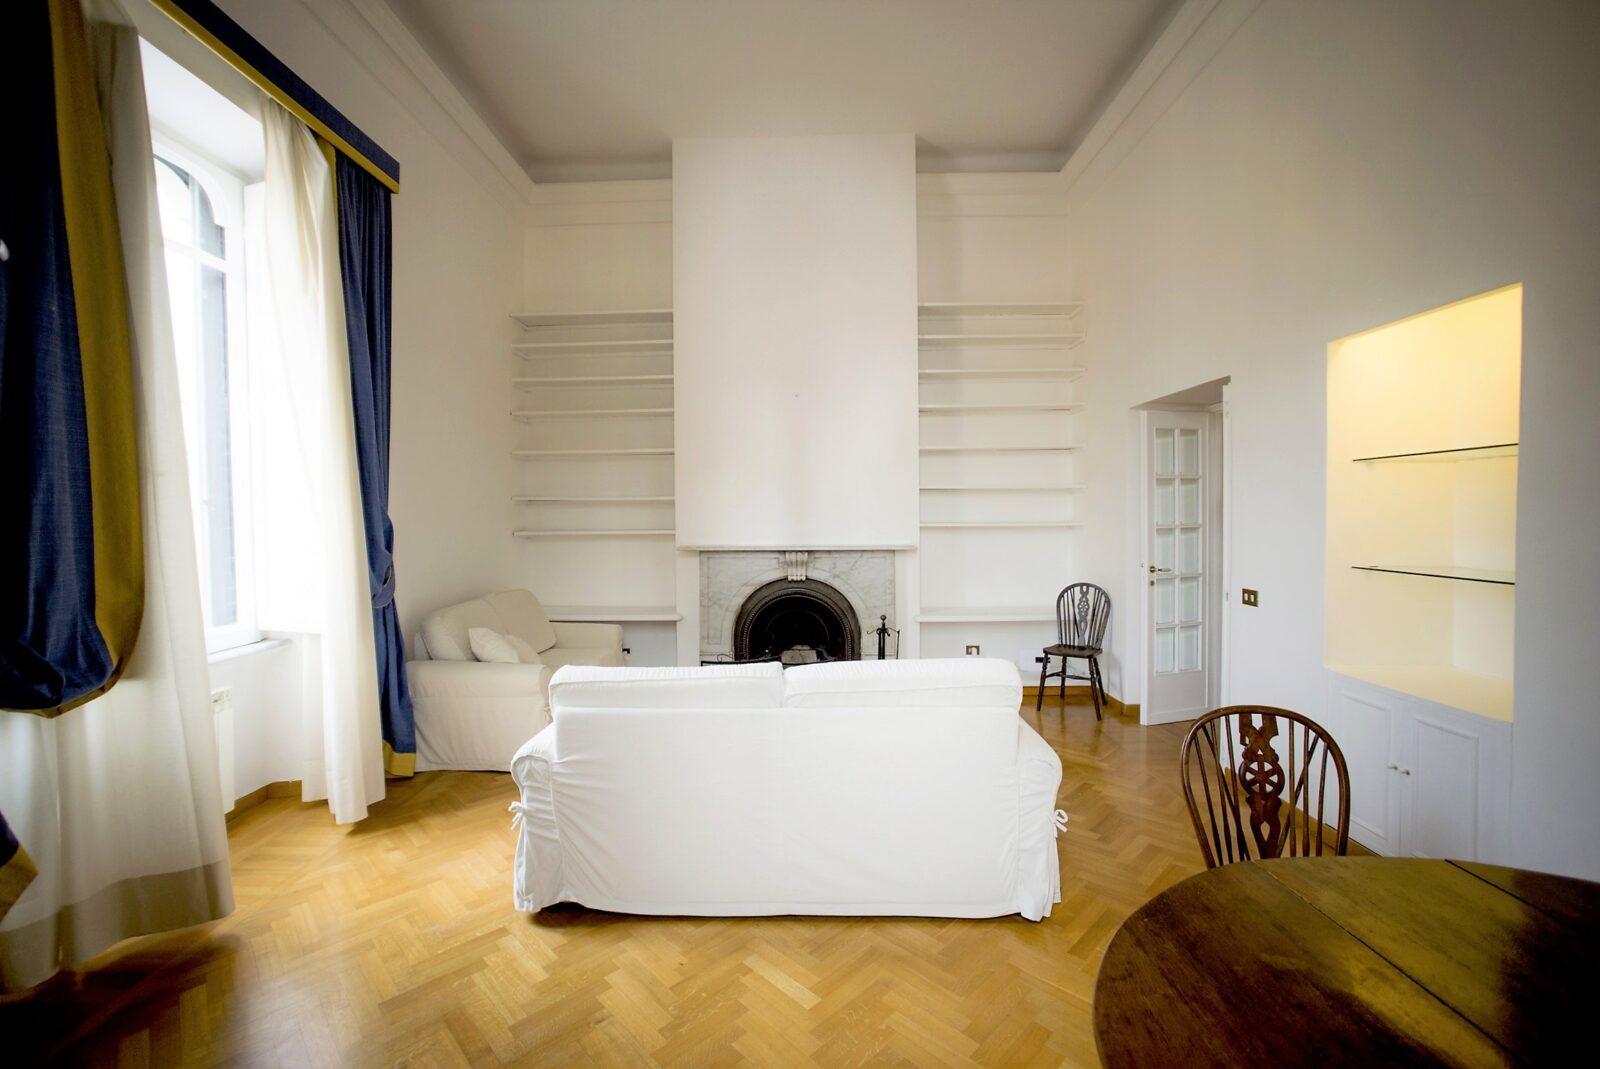 Affitto Appartamento Piazza del Popolo Roma: 90 mq ristrutturati e arredati